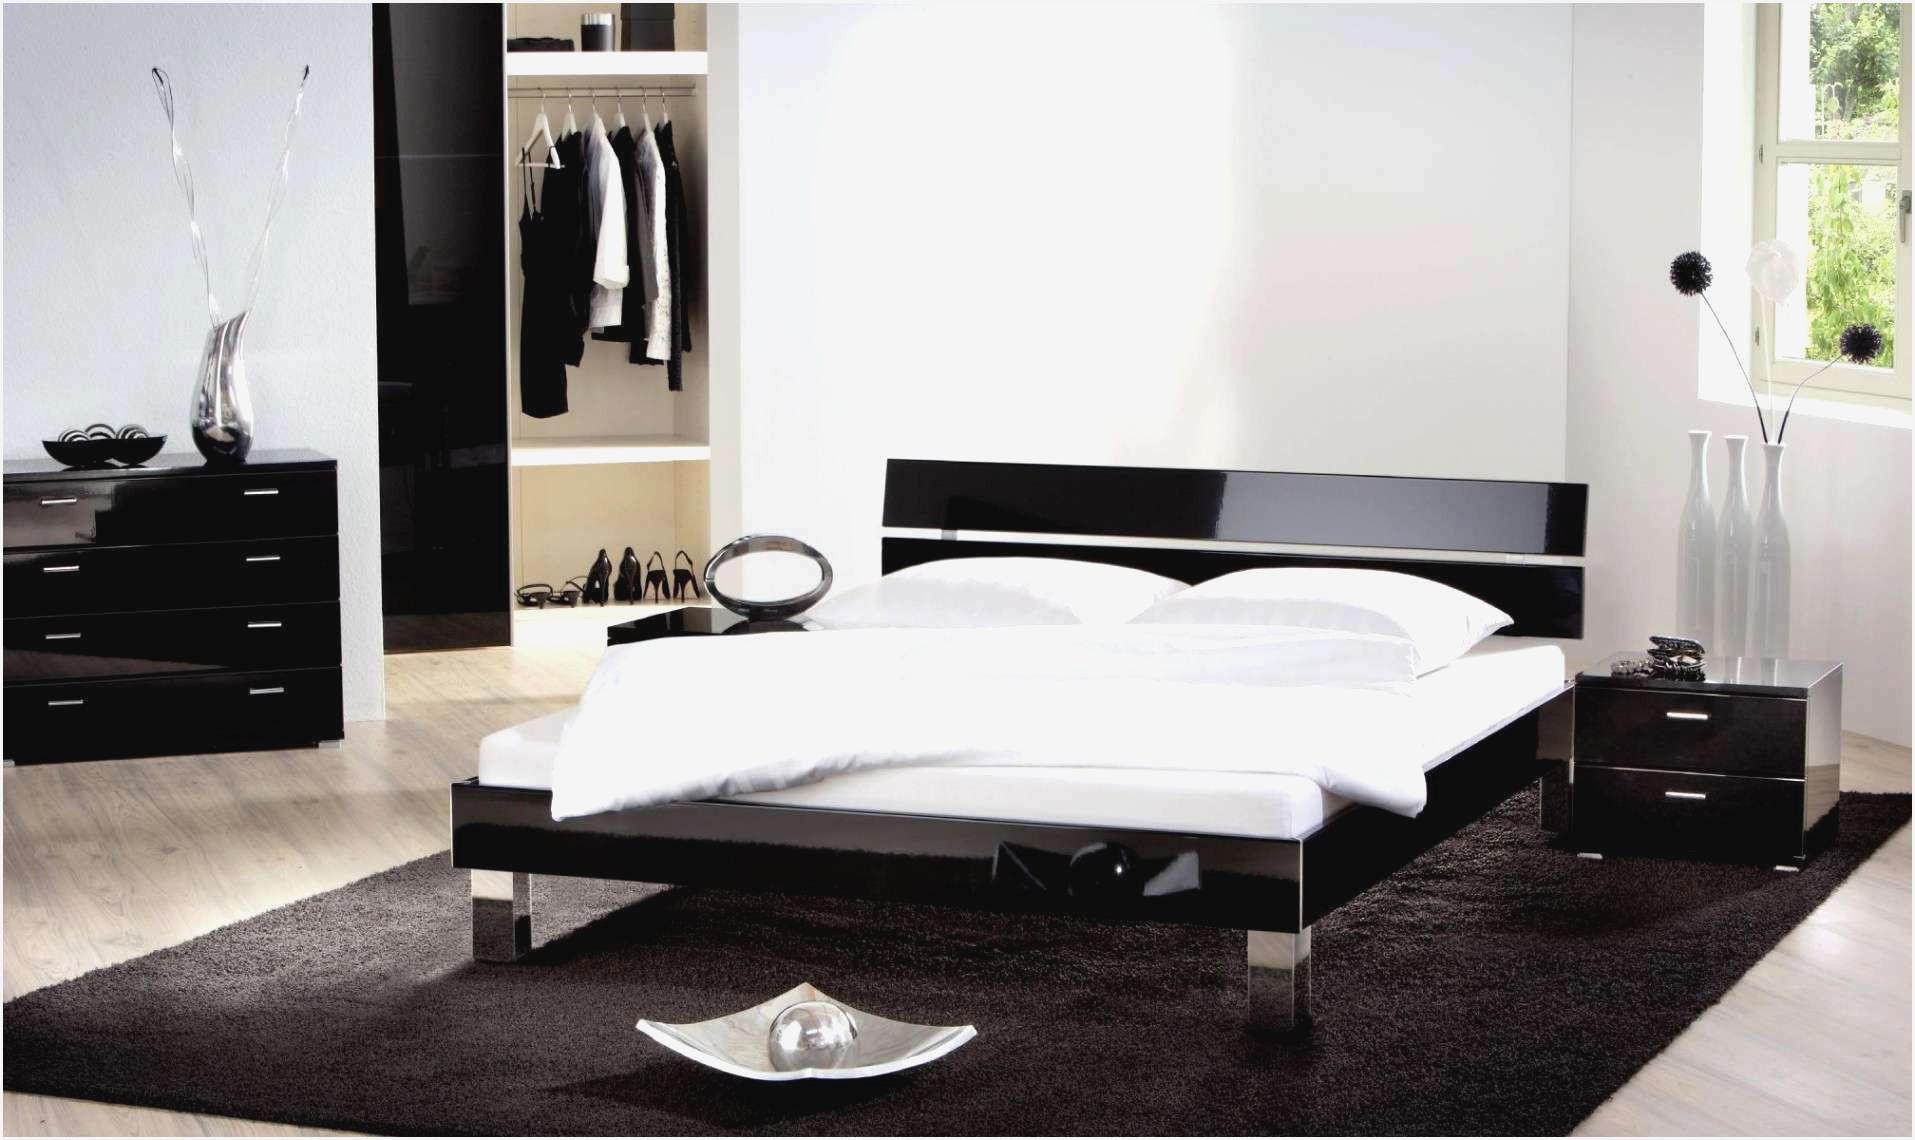 Baumstamm Deko Genial Moderne Schlafzimmer Dekorieren Schlafzimmer Traumhaus